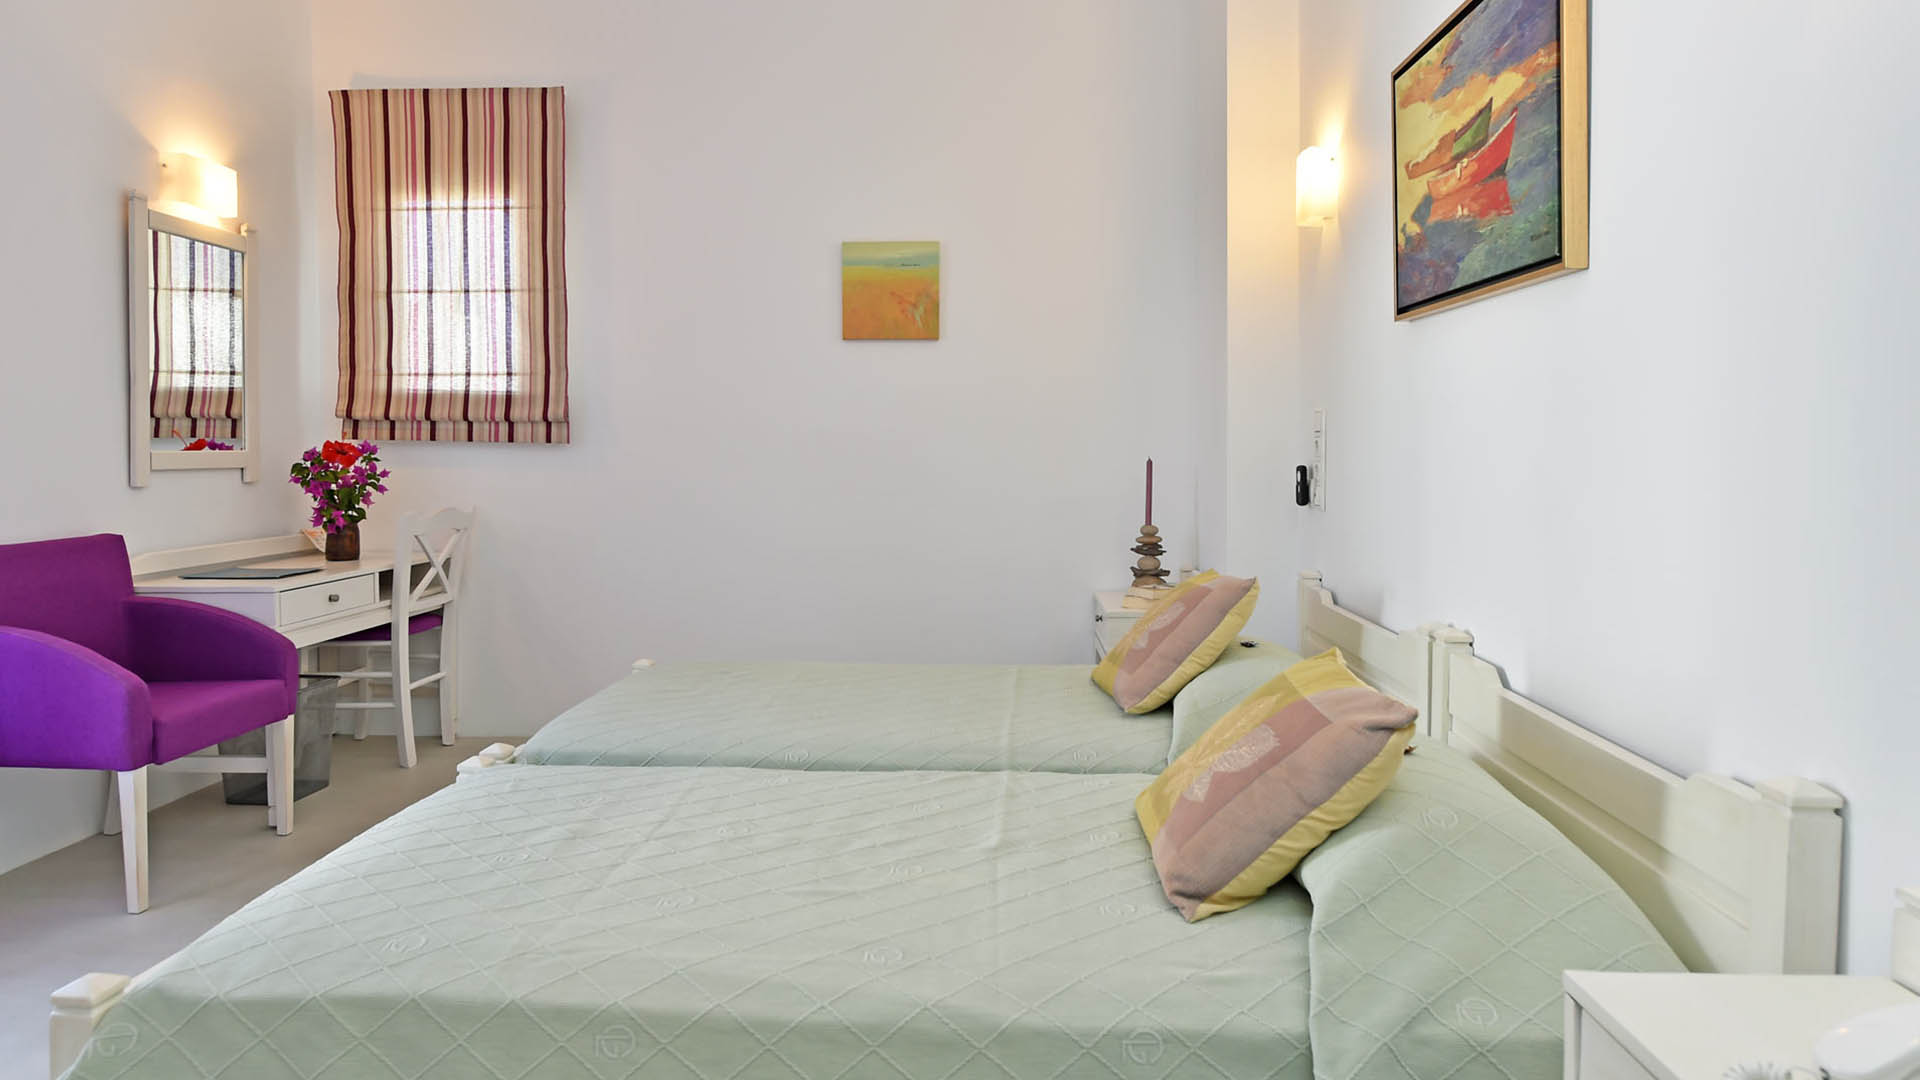 Η-_0001_02kalypsohotel-double-triple-rooms